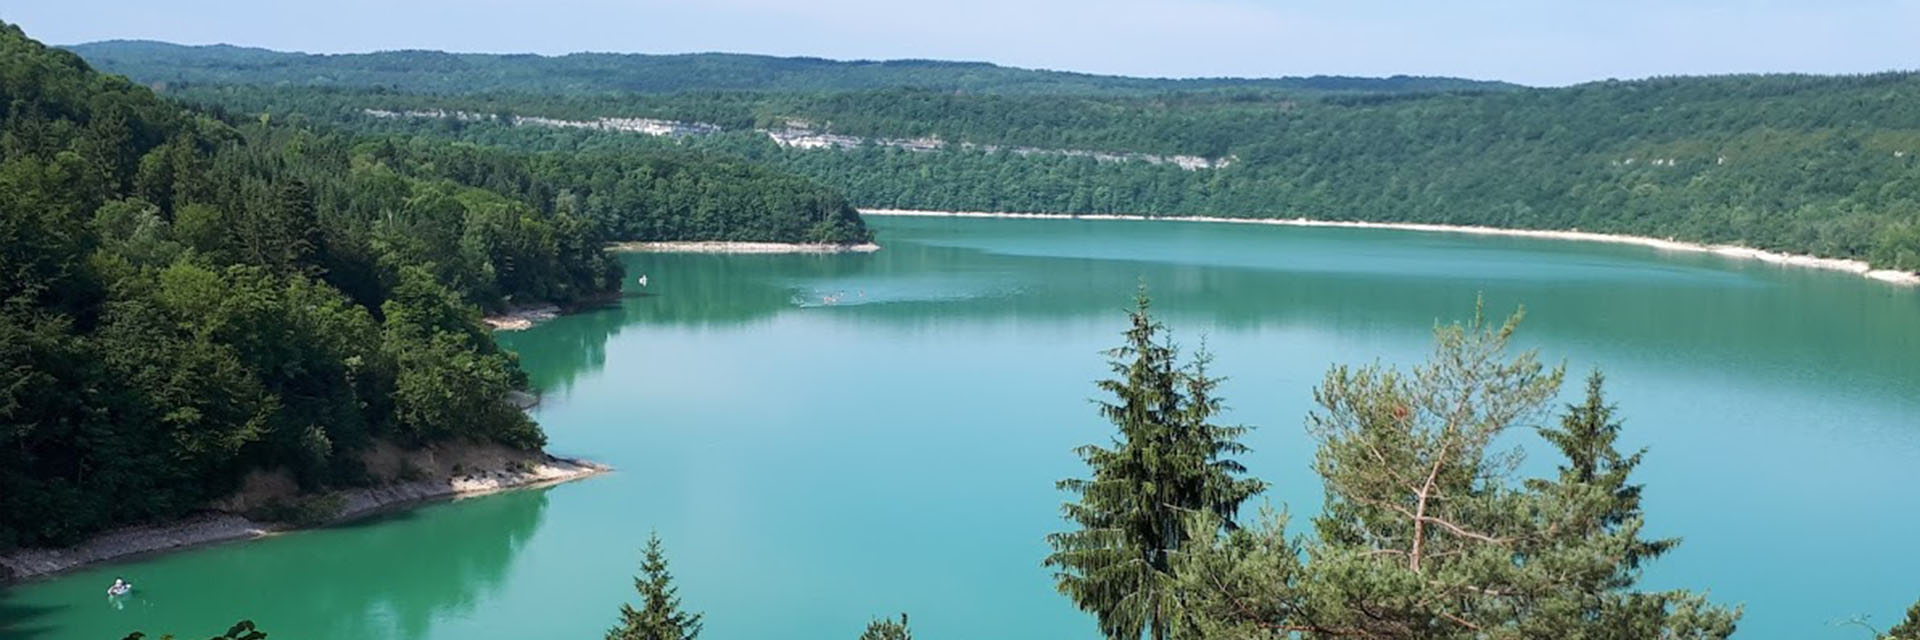 Randonnées pédestres entre lacs et montagnes - Les Chalets du Lac de Vouglans